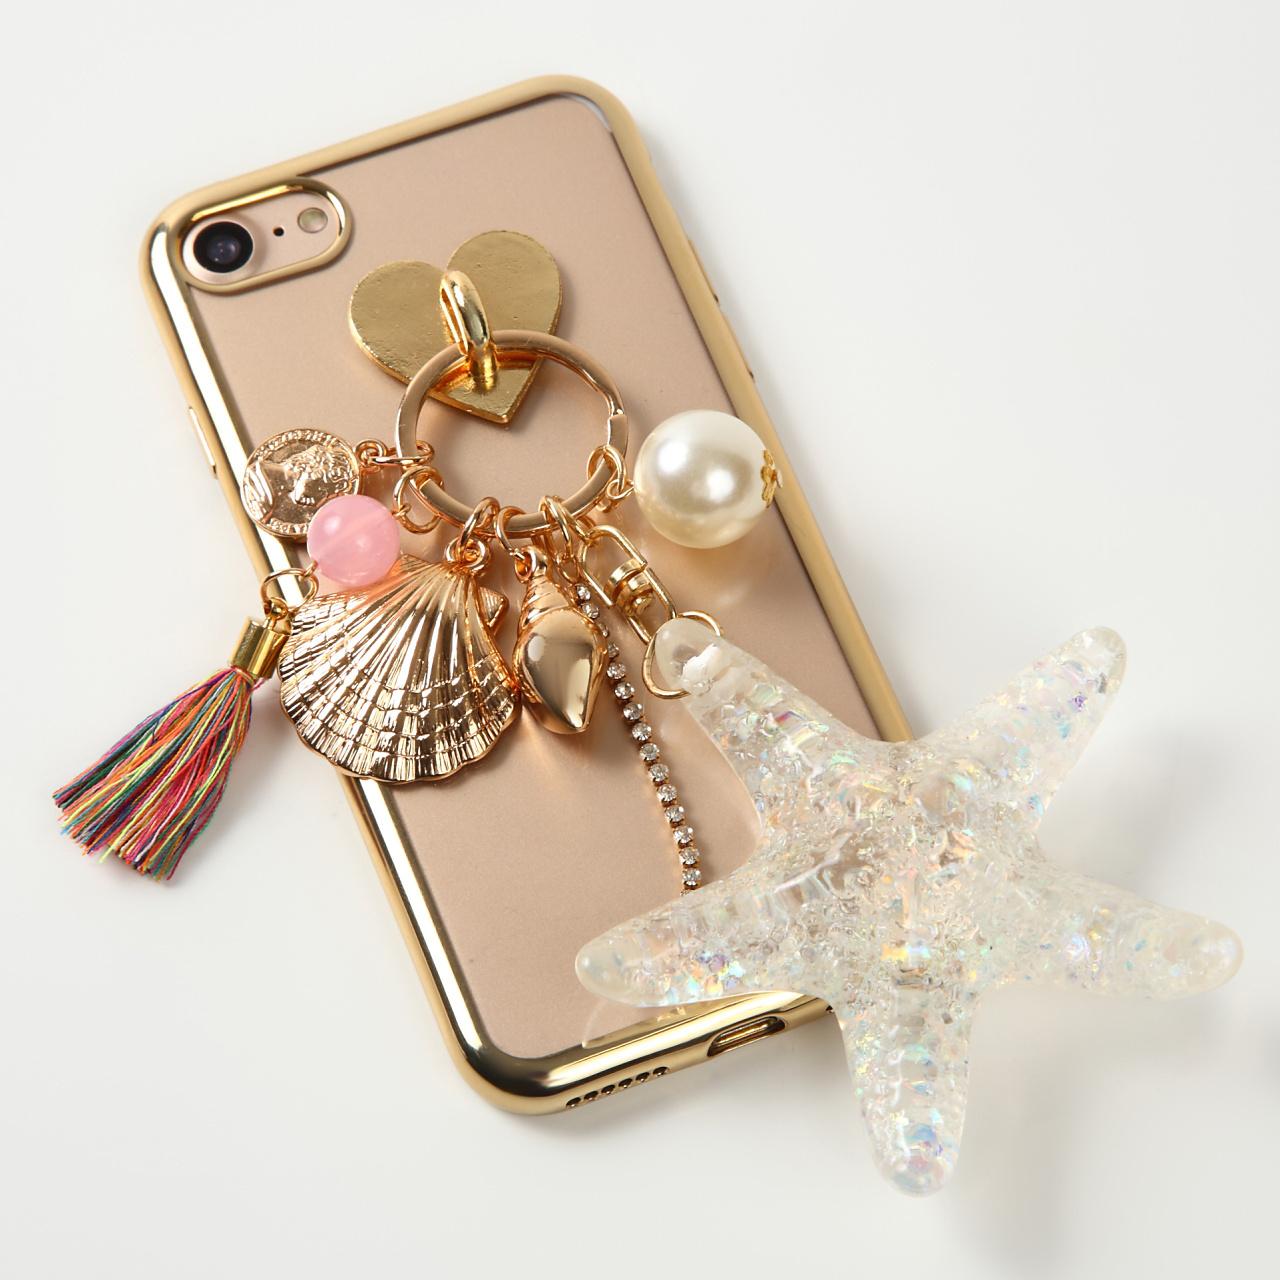 【即納★送料無料】縁ゴールドソフトケースにヒトデ 貝殻 チャーム付 iPhoneケース